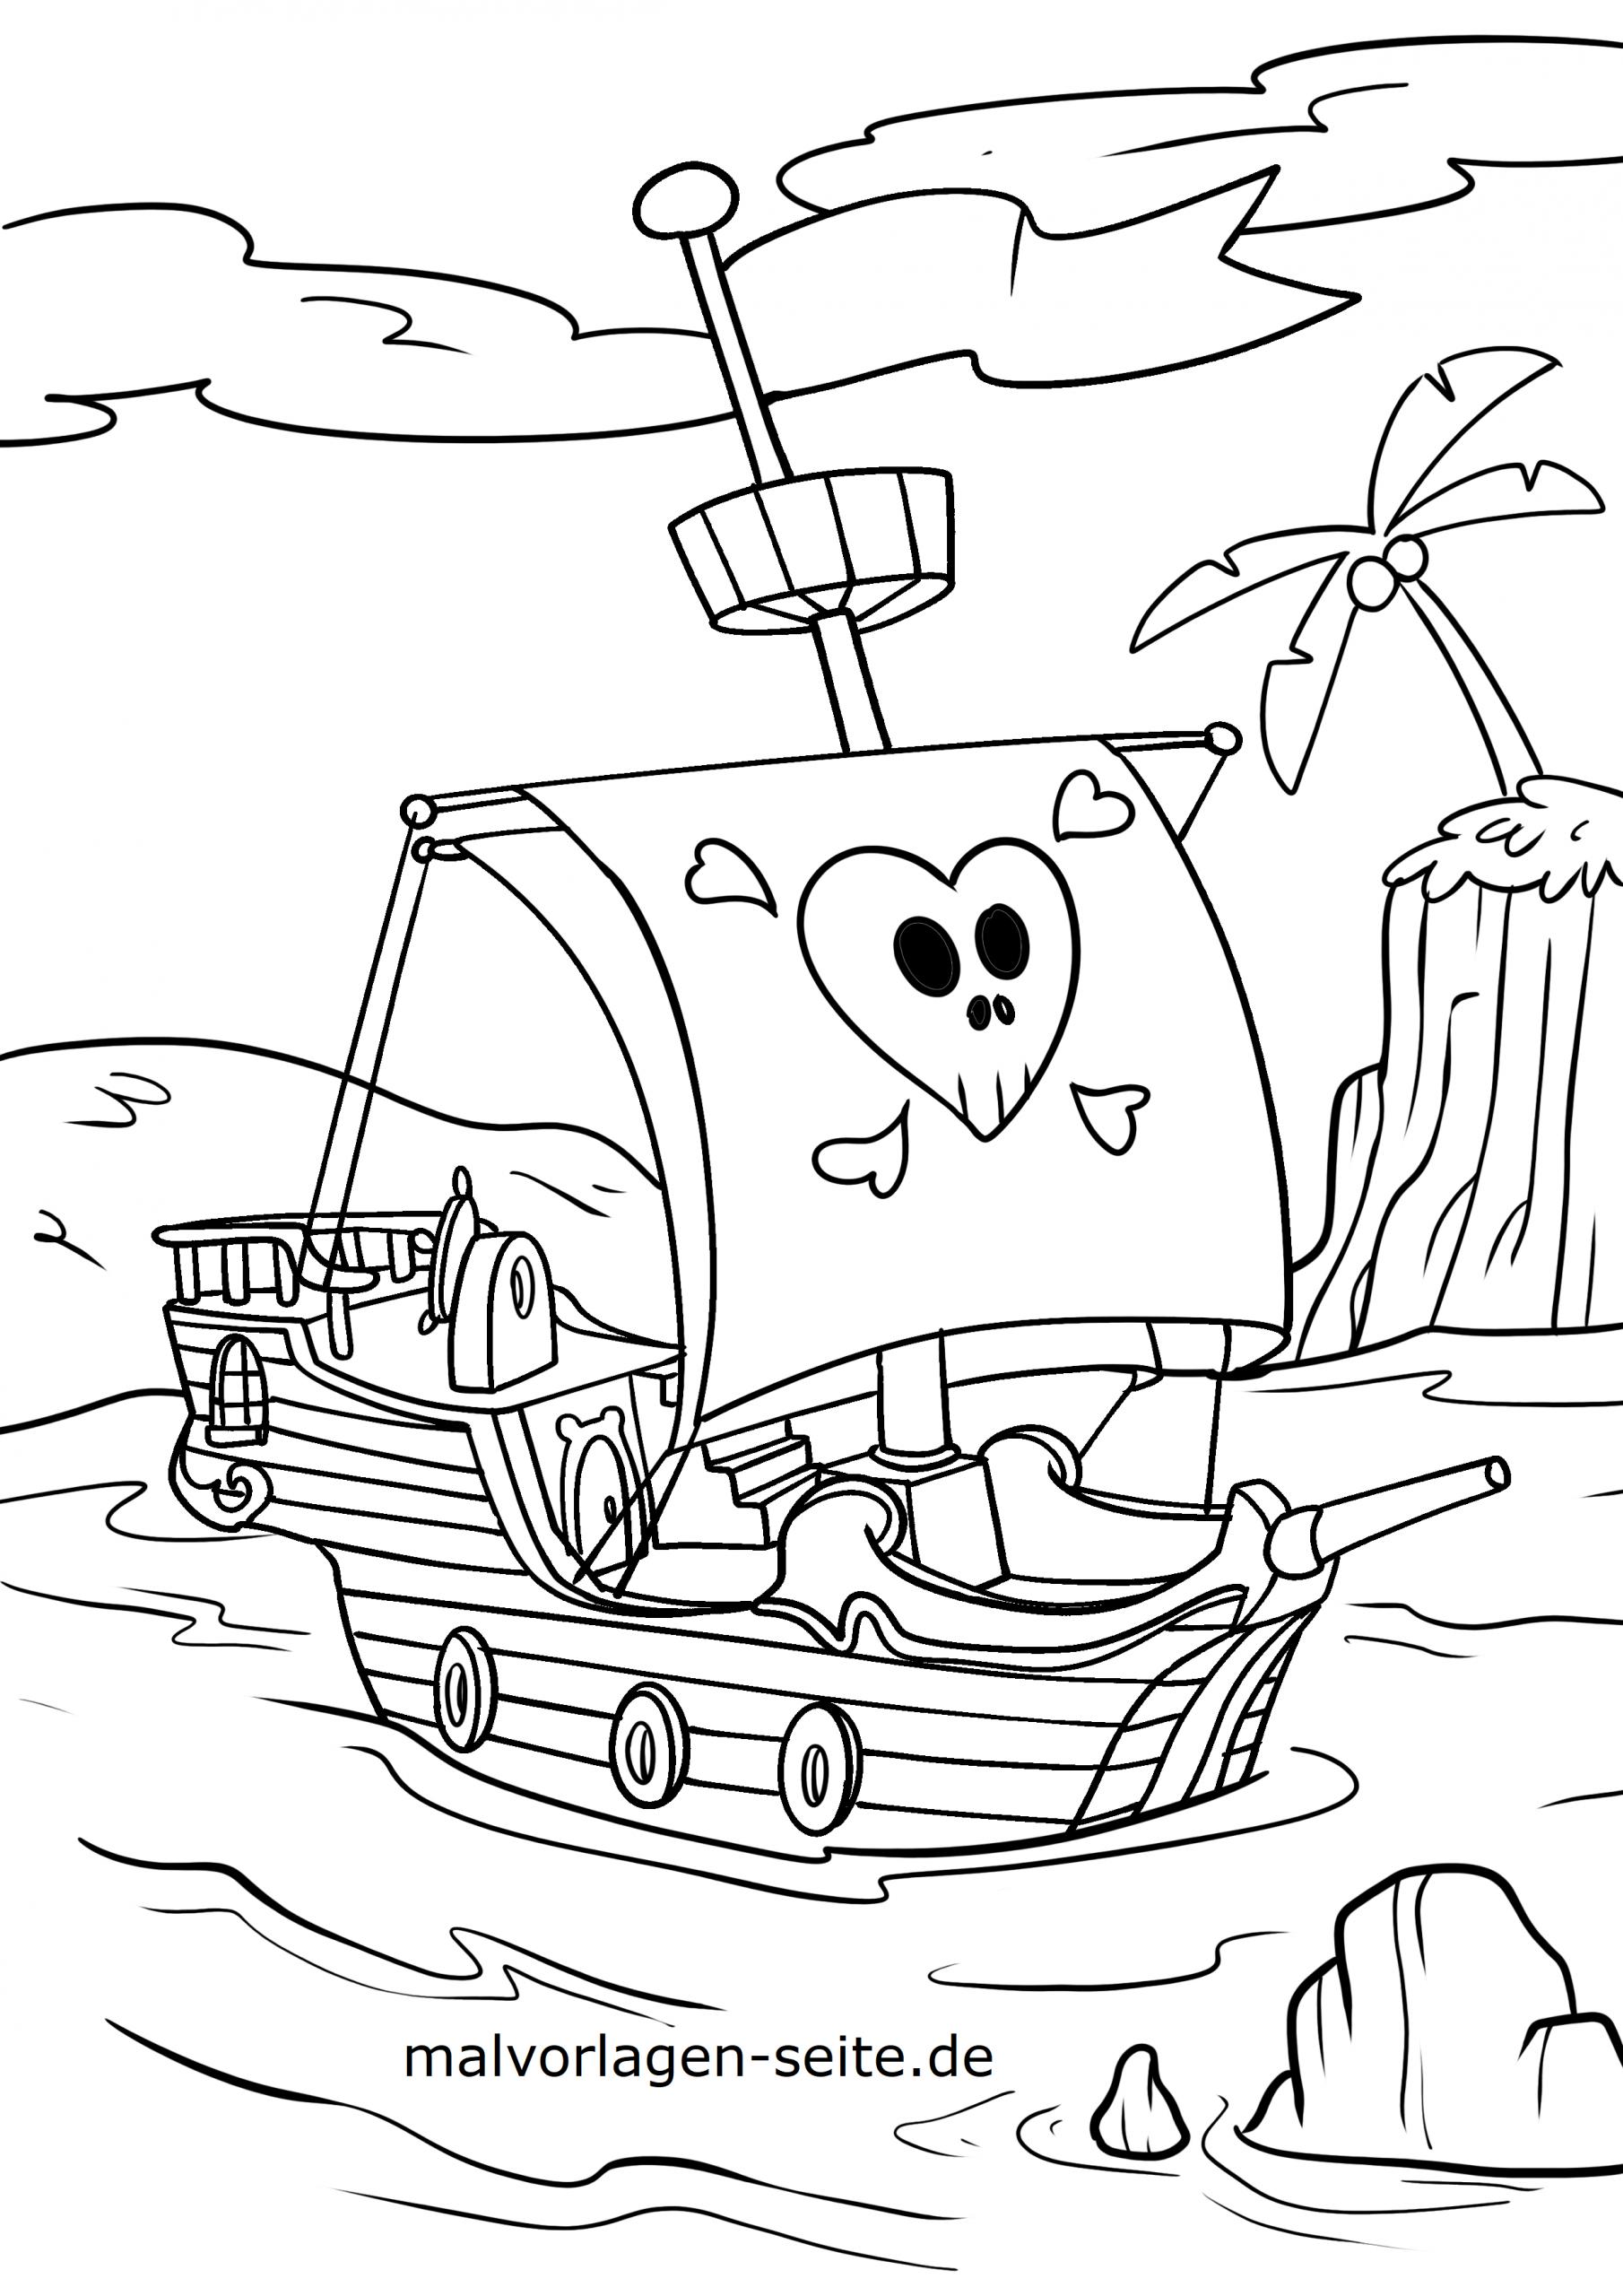 Malvorlage Piraten - Ausmalbilder Kostenlos Herunterladen in Pirat Malvorlage